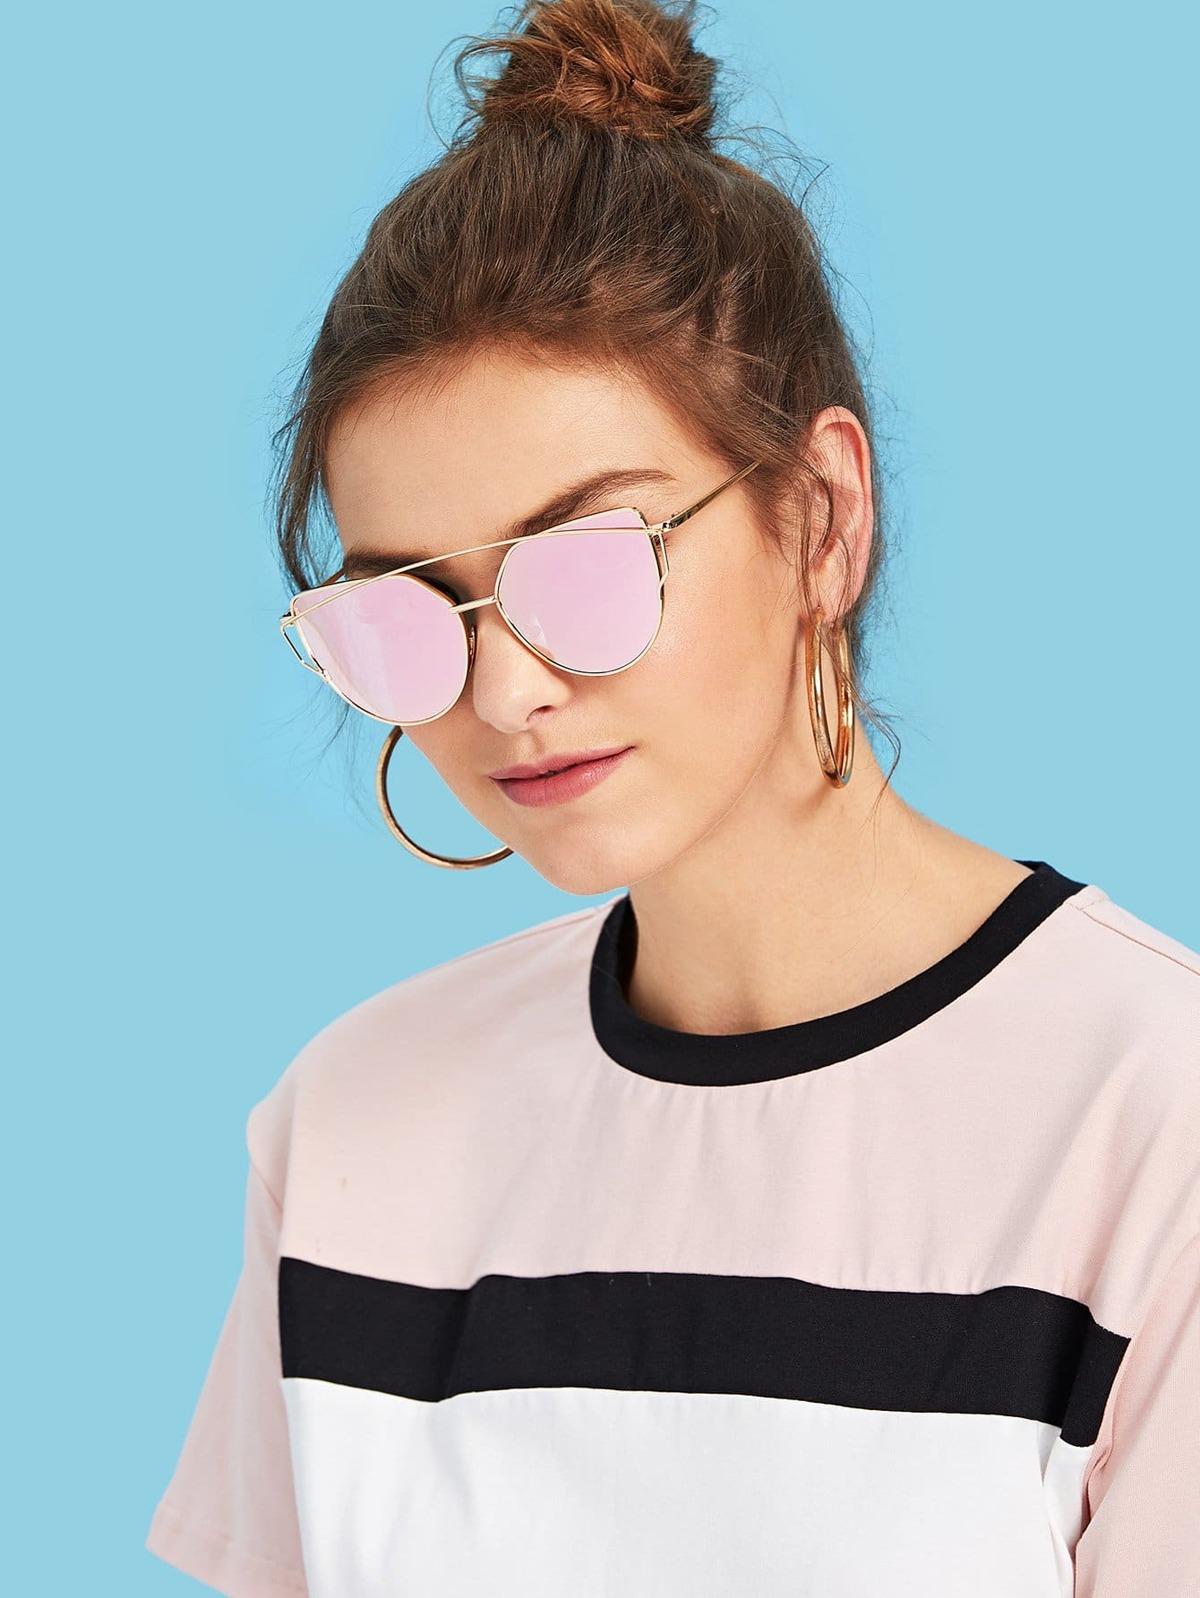 金色 金屬 框 雙鼻樑 粉紅色 鏡片 太陽眼鏡